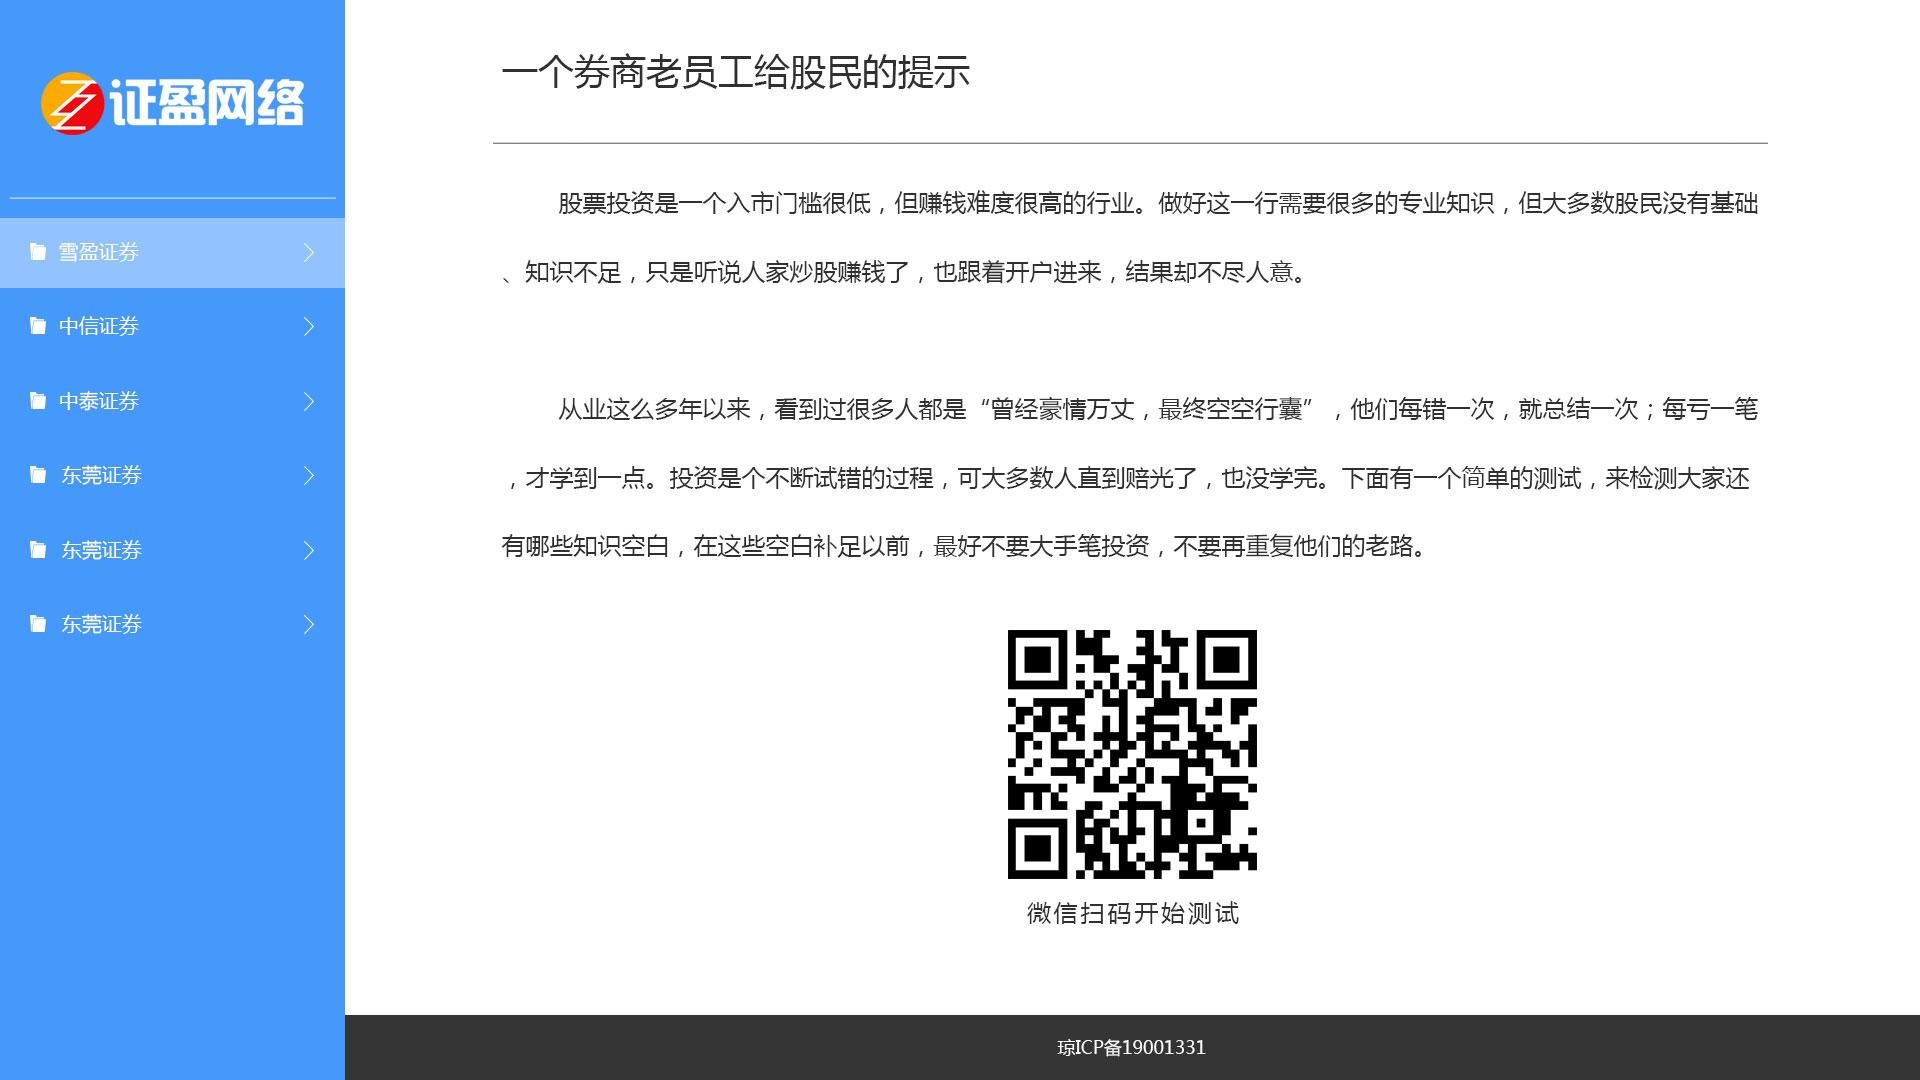 证券网络考试系统开发